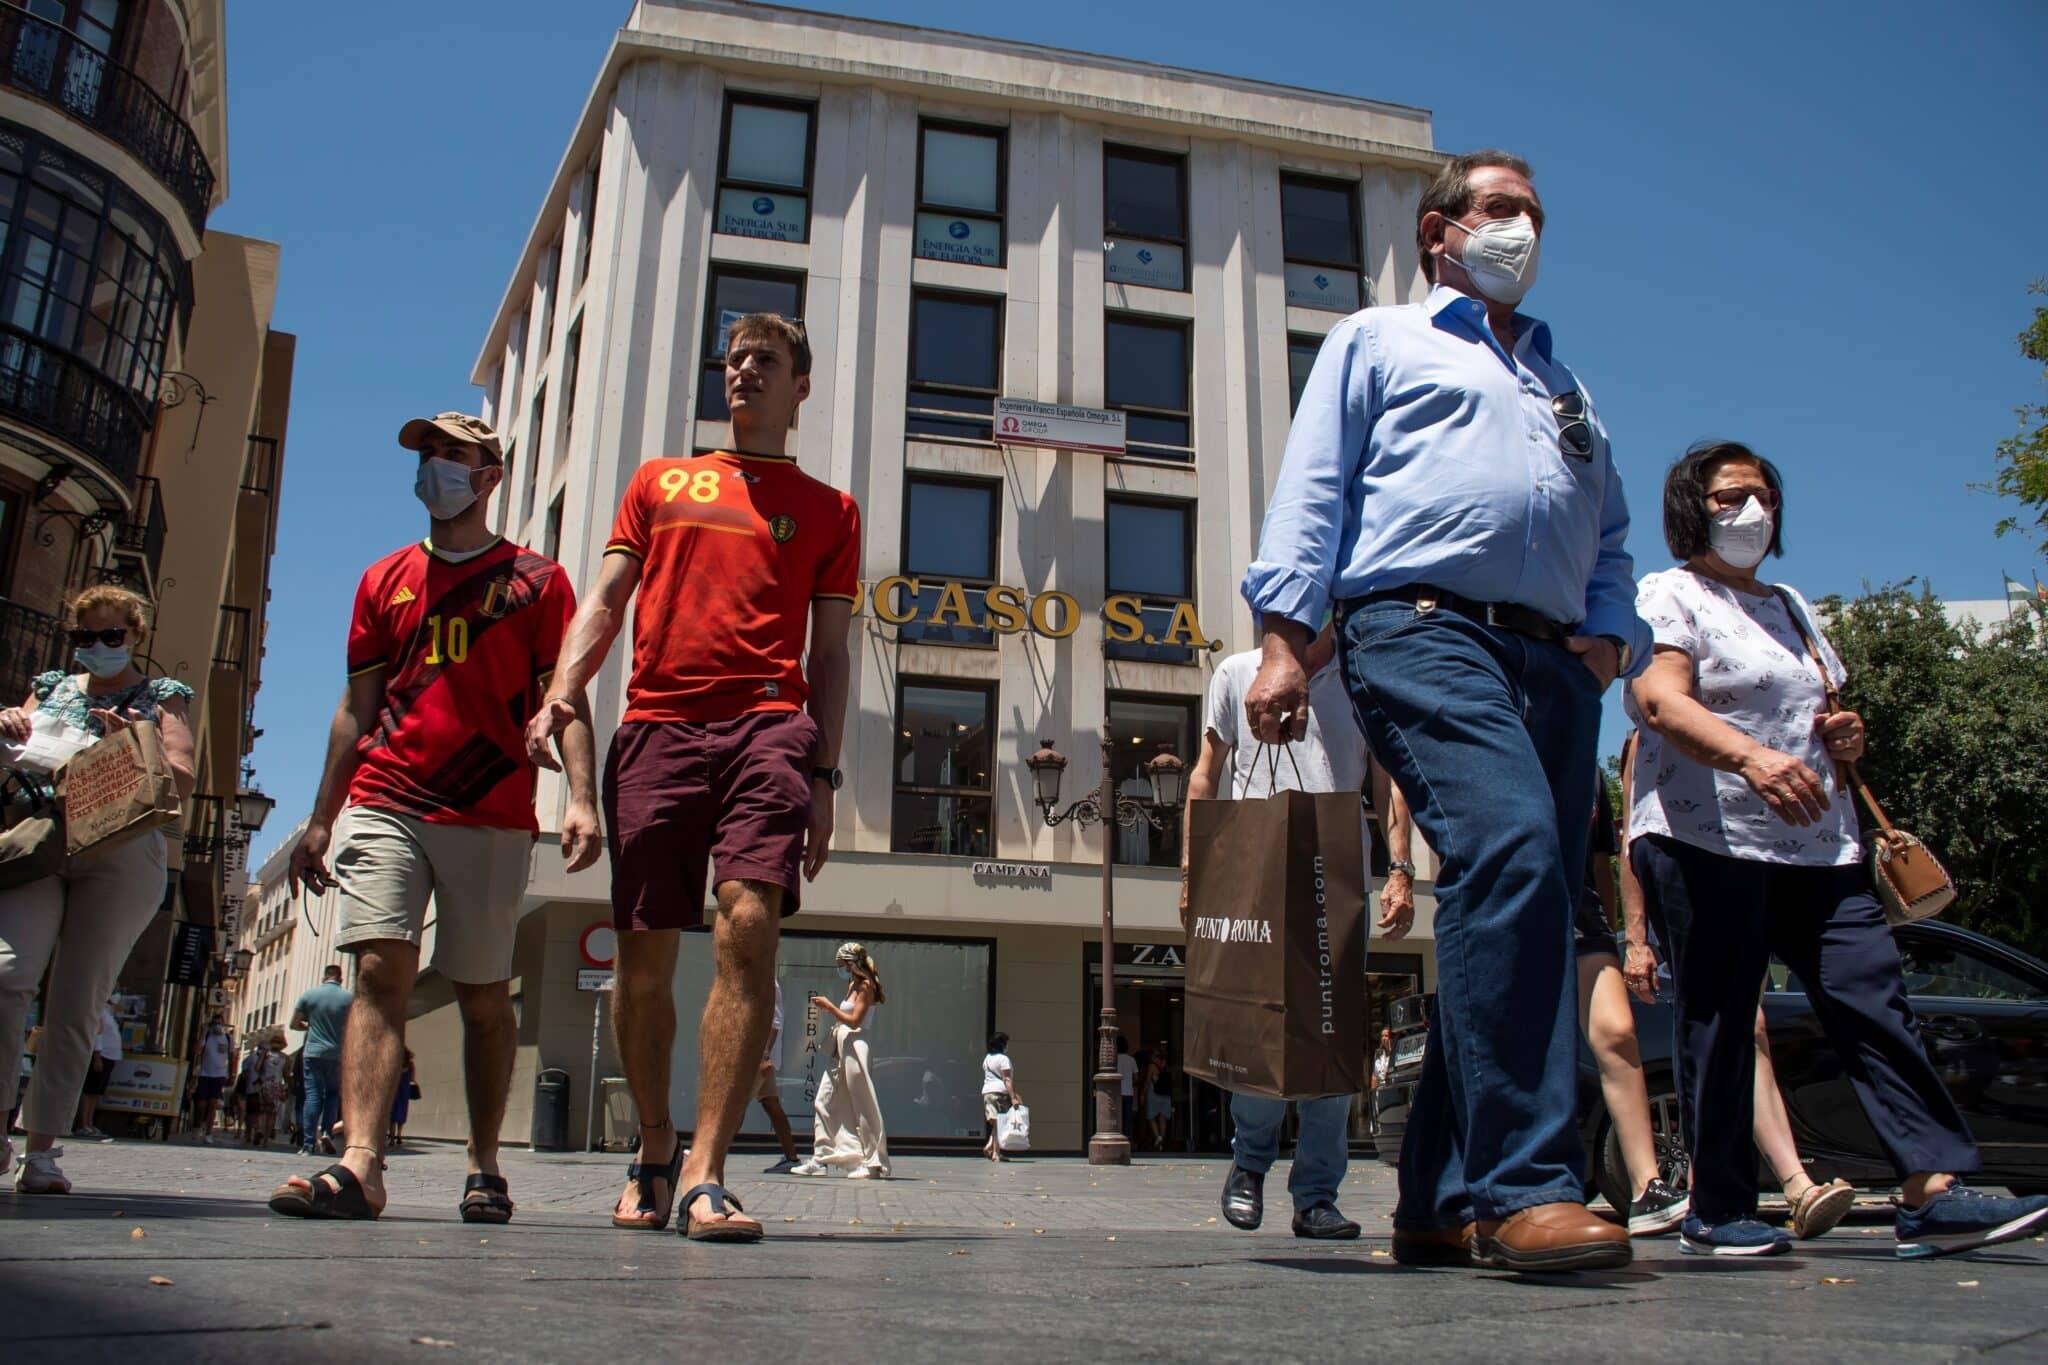 Ambiente en el centro de Sevilla el primer día en el que se puede prescindir de la mascarilla en exteriores.